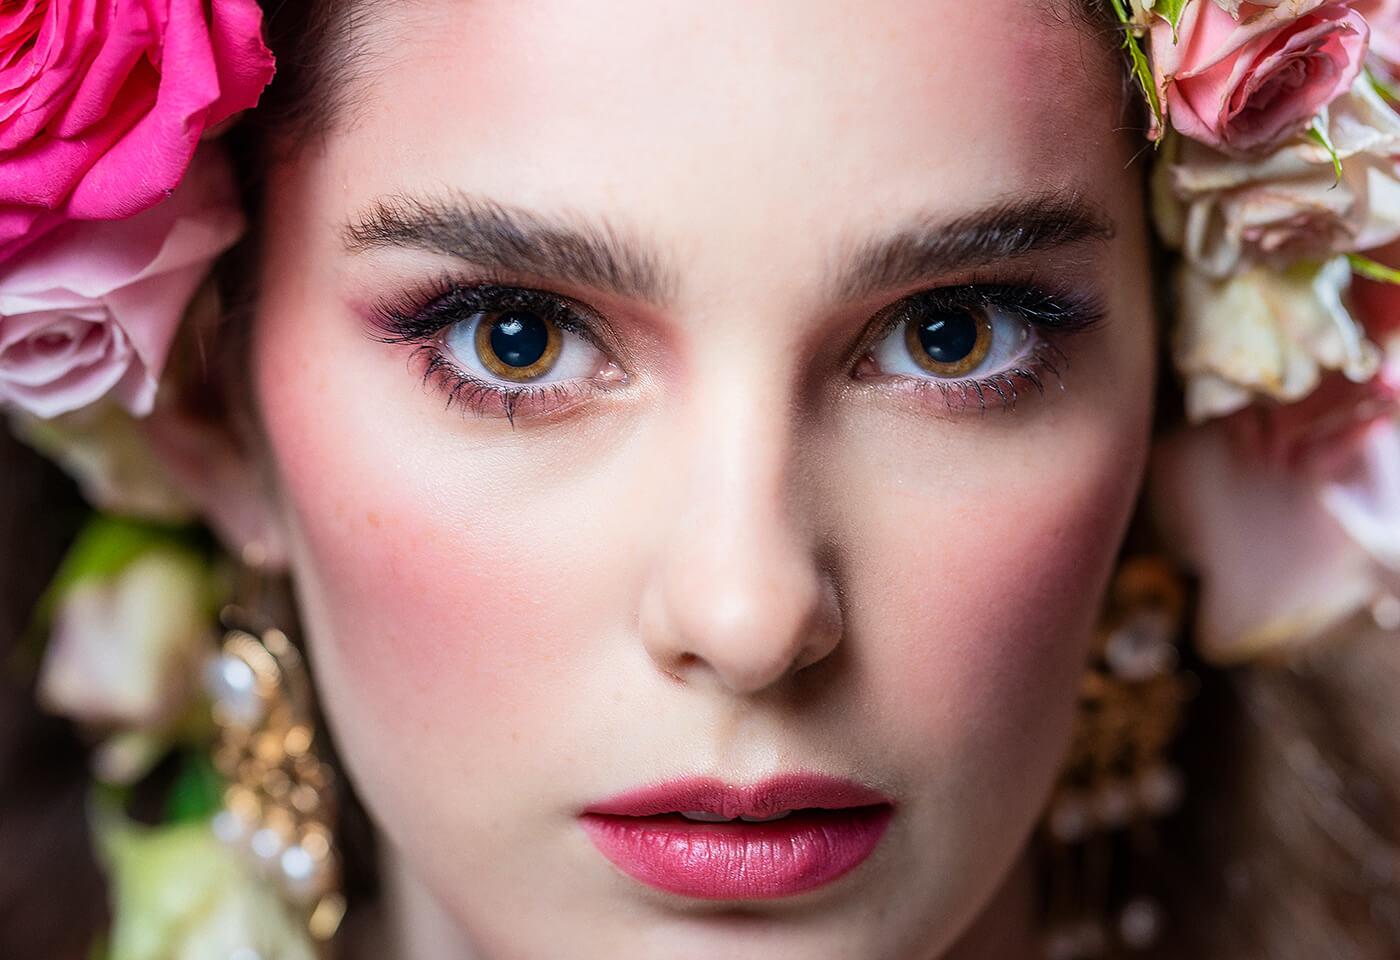 Model doing glamour shot by Greg Sullavan